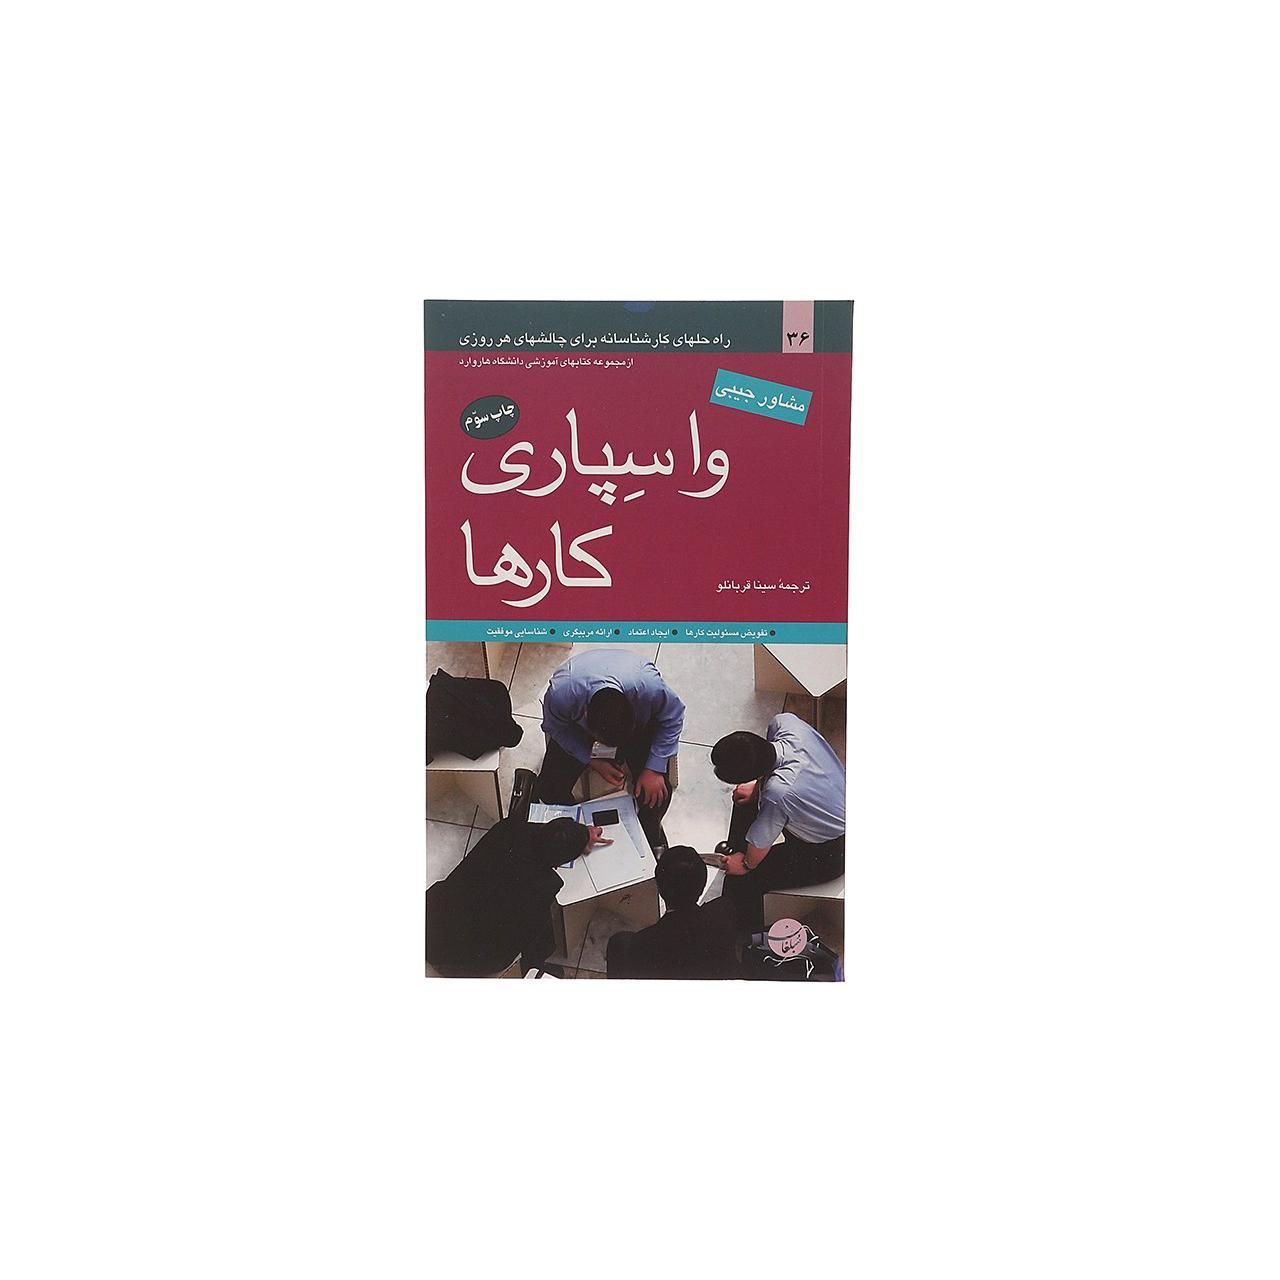 کتاب واسپاری کارها اثر مرکز آموزشی هاروارد انتشارات مبلغان